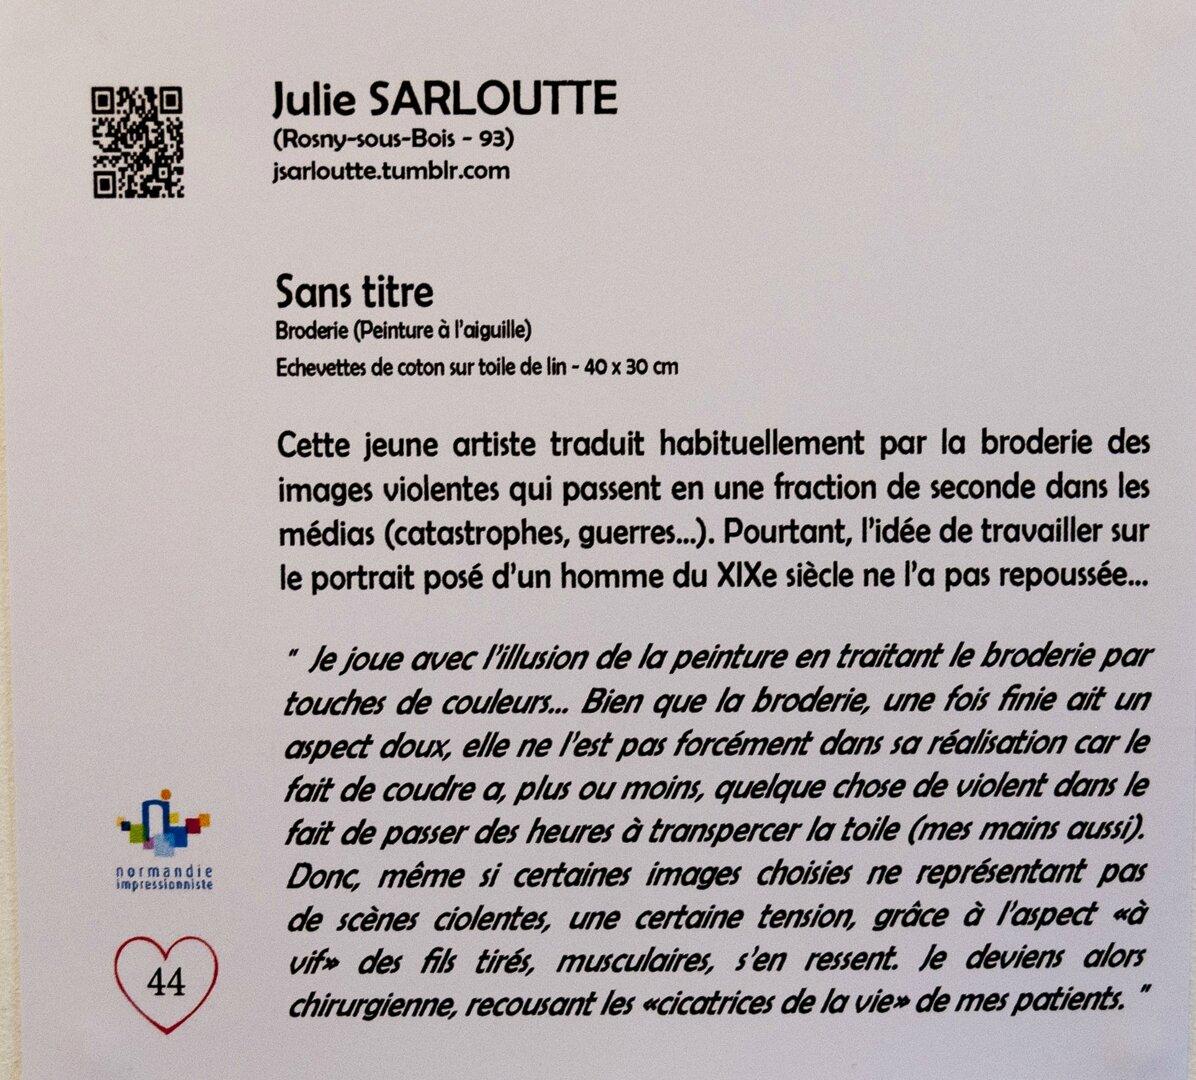 2016-05-21_17-56-16_Trait Portrait-Julie SARLOUTTE - Copie